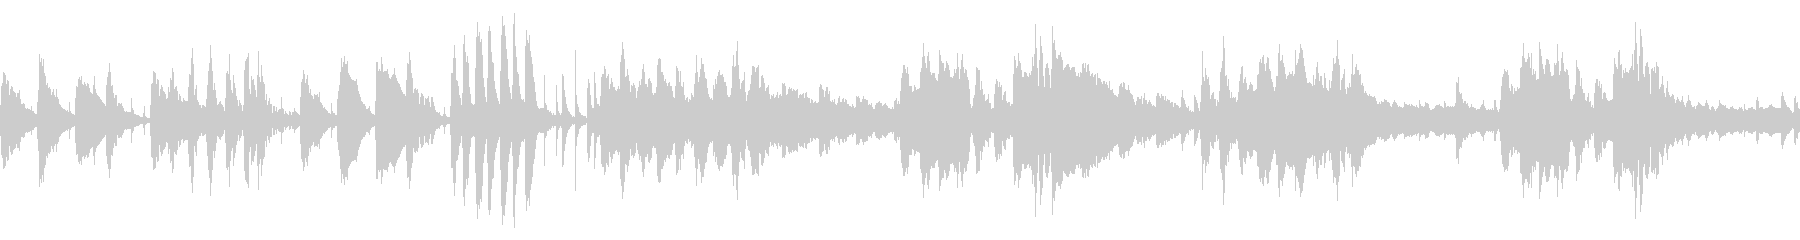 スウィングジャズ風BGM/ループ対応の未再生の波形